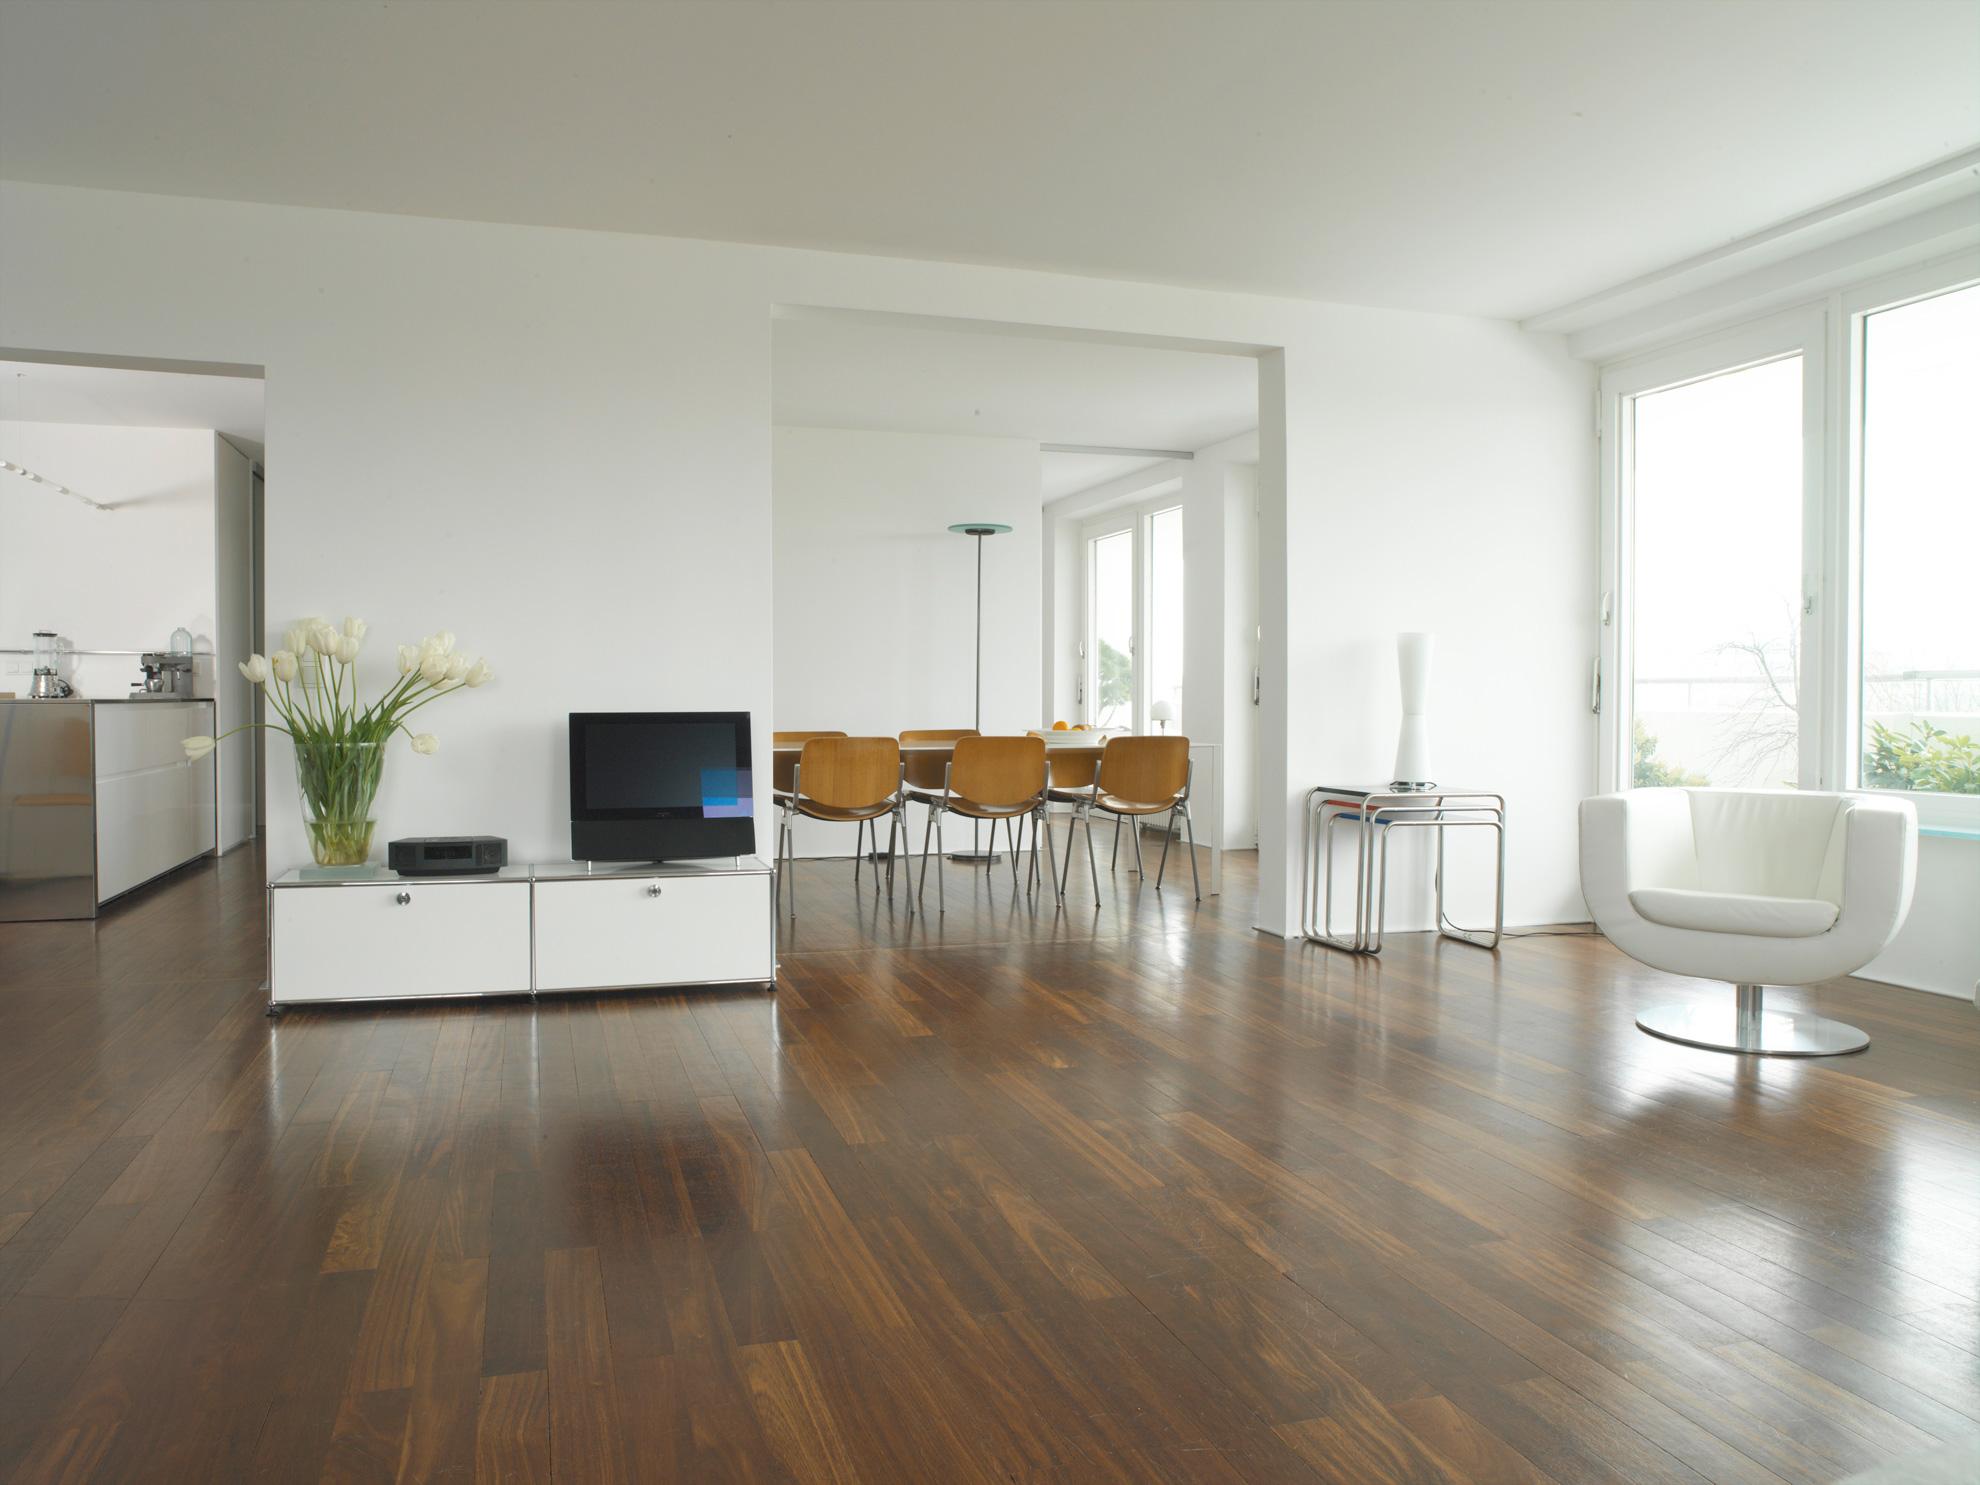 Wohnung for 1 zimmer wohnung landshut